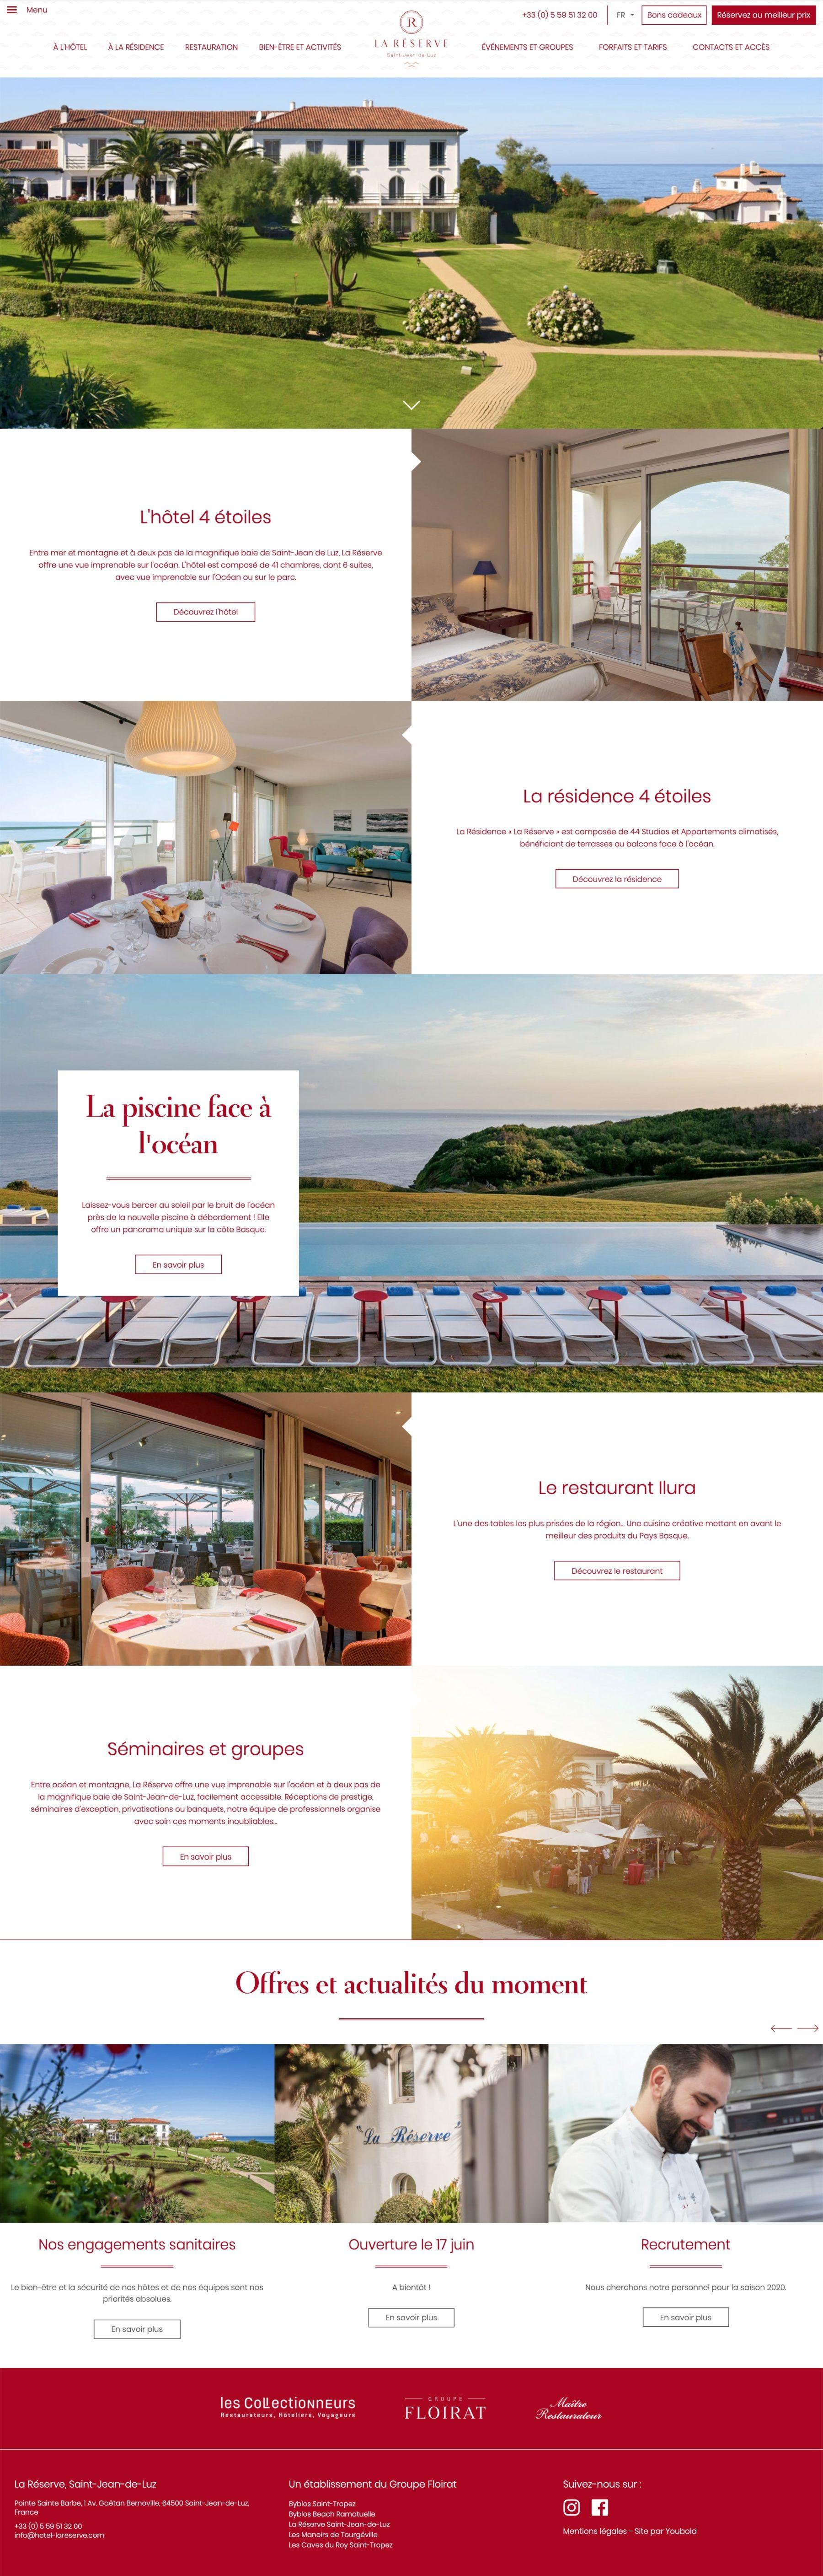 Ecran 1 du site Hôtel La Réserve